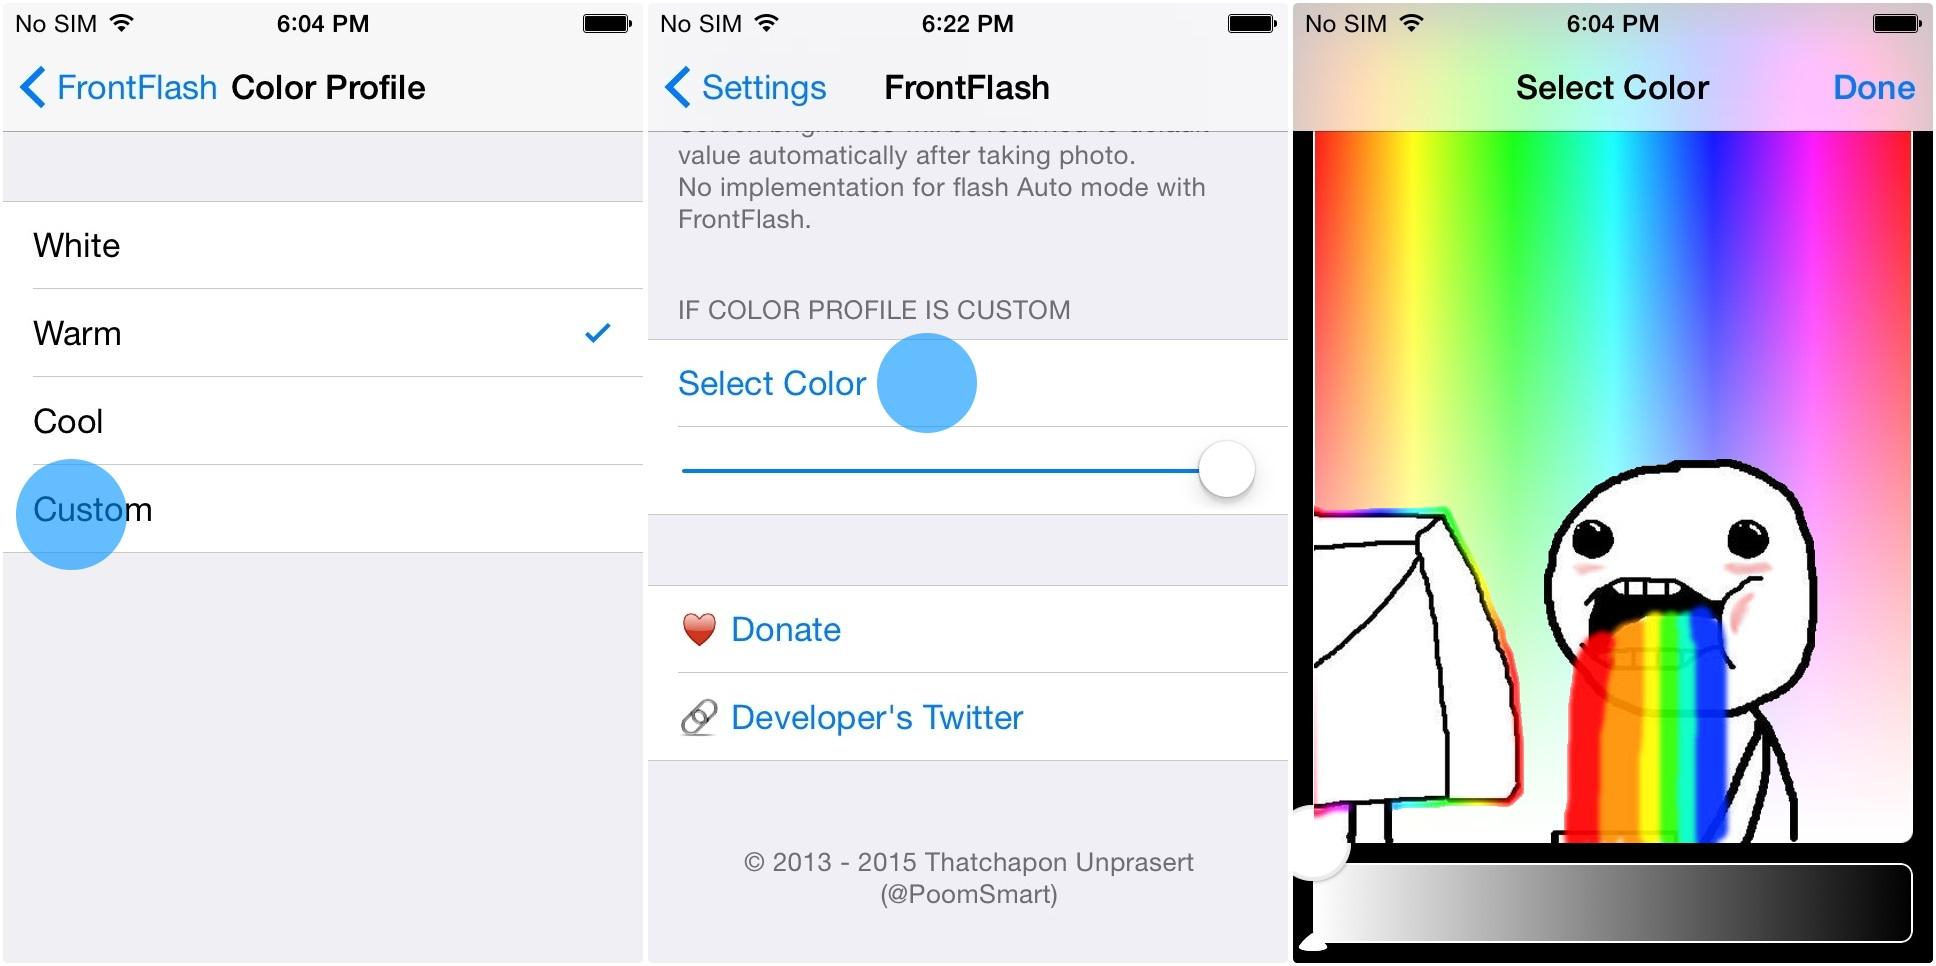 Impostare il colore con FrontFlash